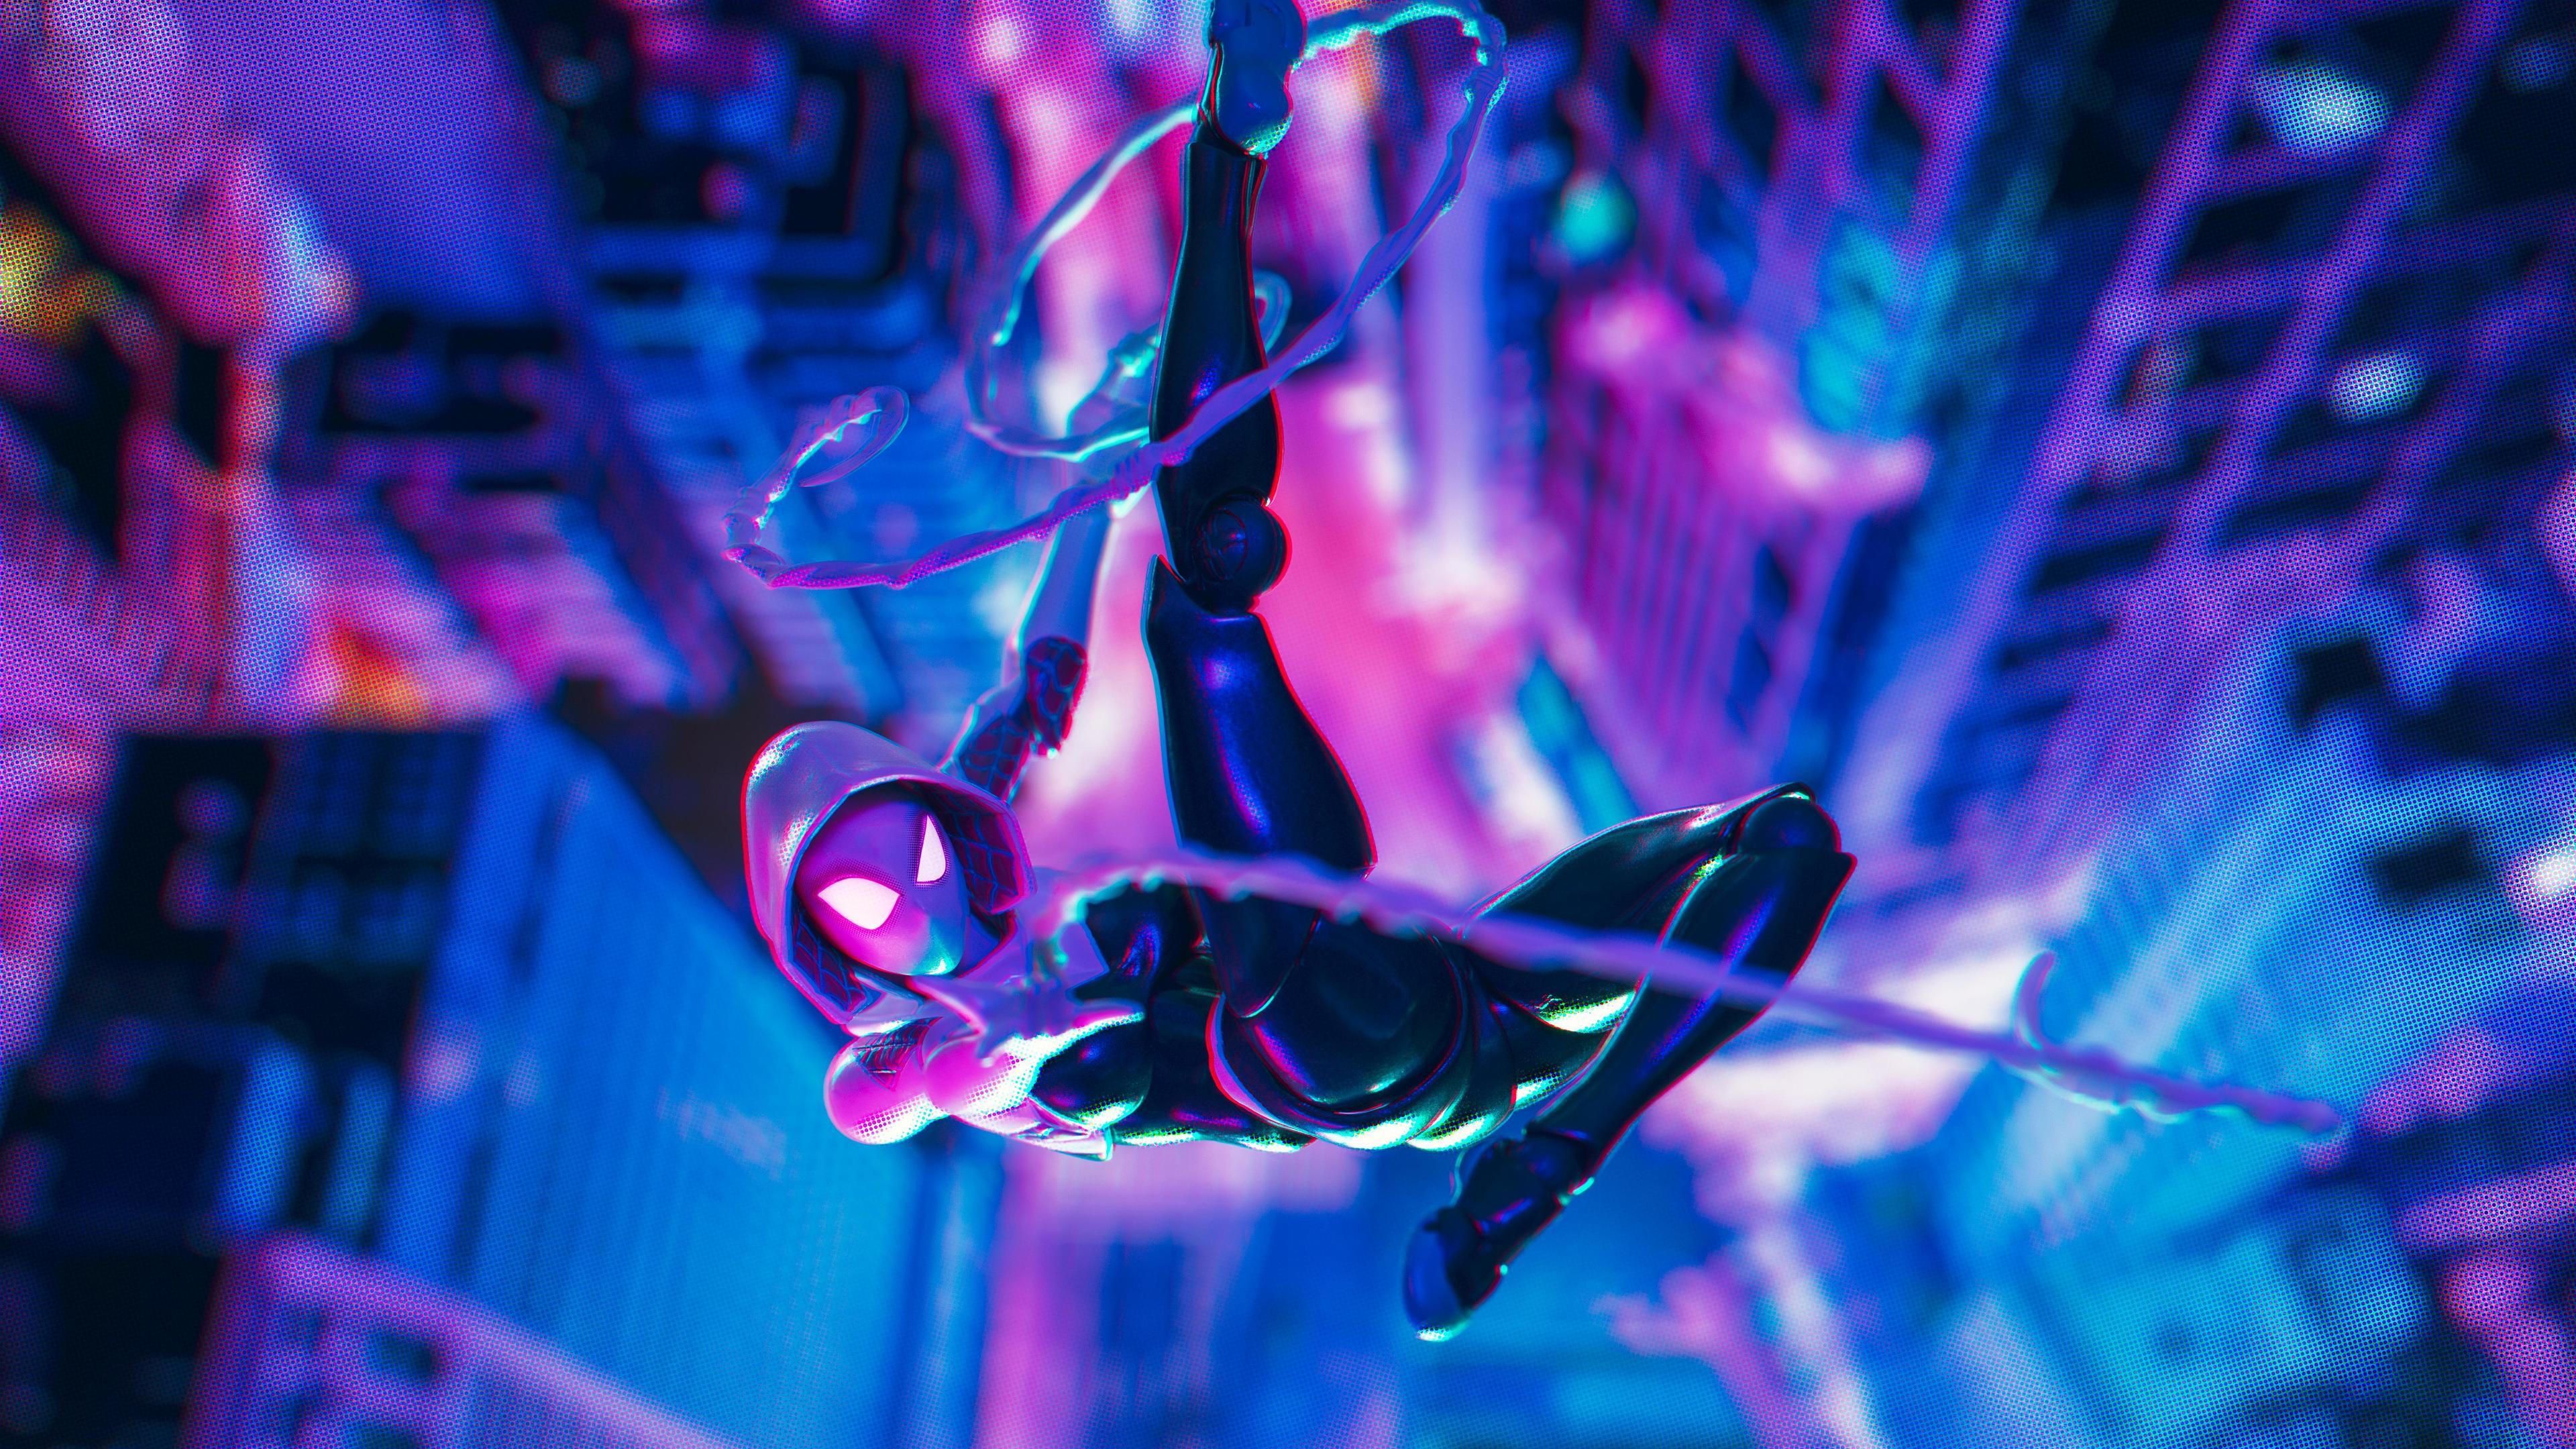 4k spider gwen 1559764203 - 4k Spider Gwen - superheroes wallpapers, hd-wallpapers, gwen wallpapers, gwen stacy wallpapers, digital art wallpapers, artwork wallpapers, artist wallpapers, 4k-wallpapers